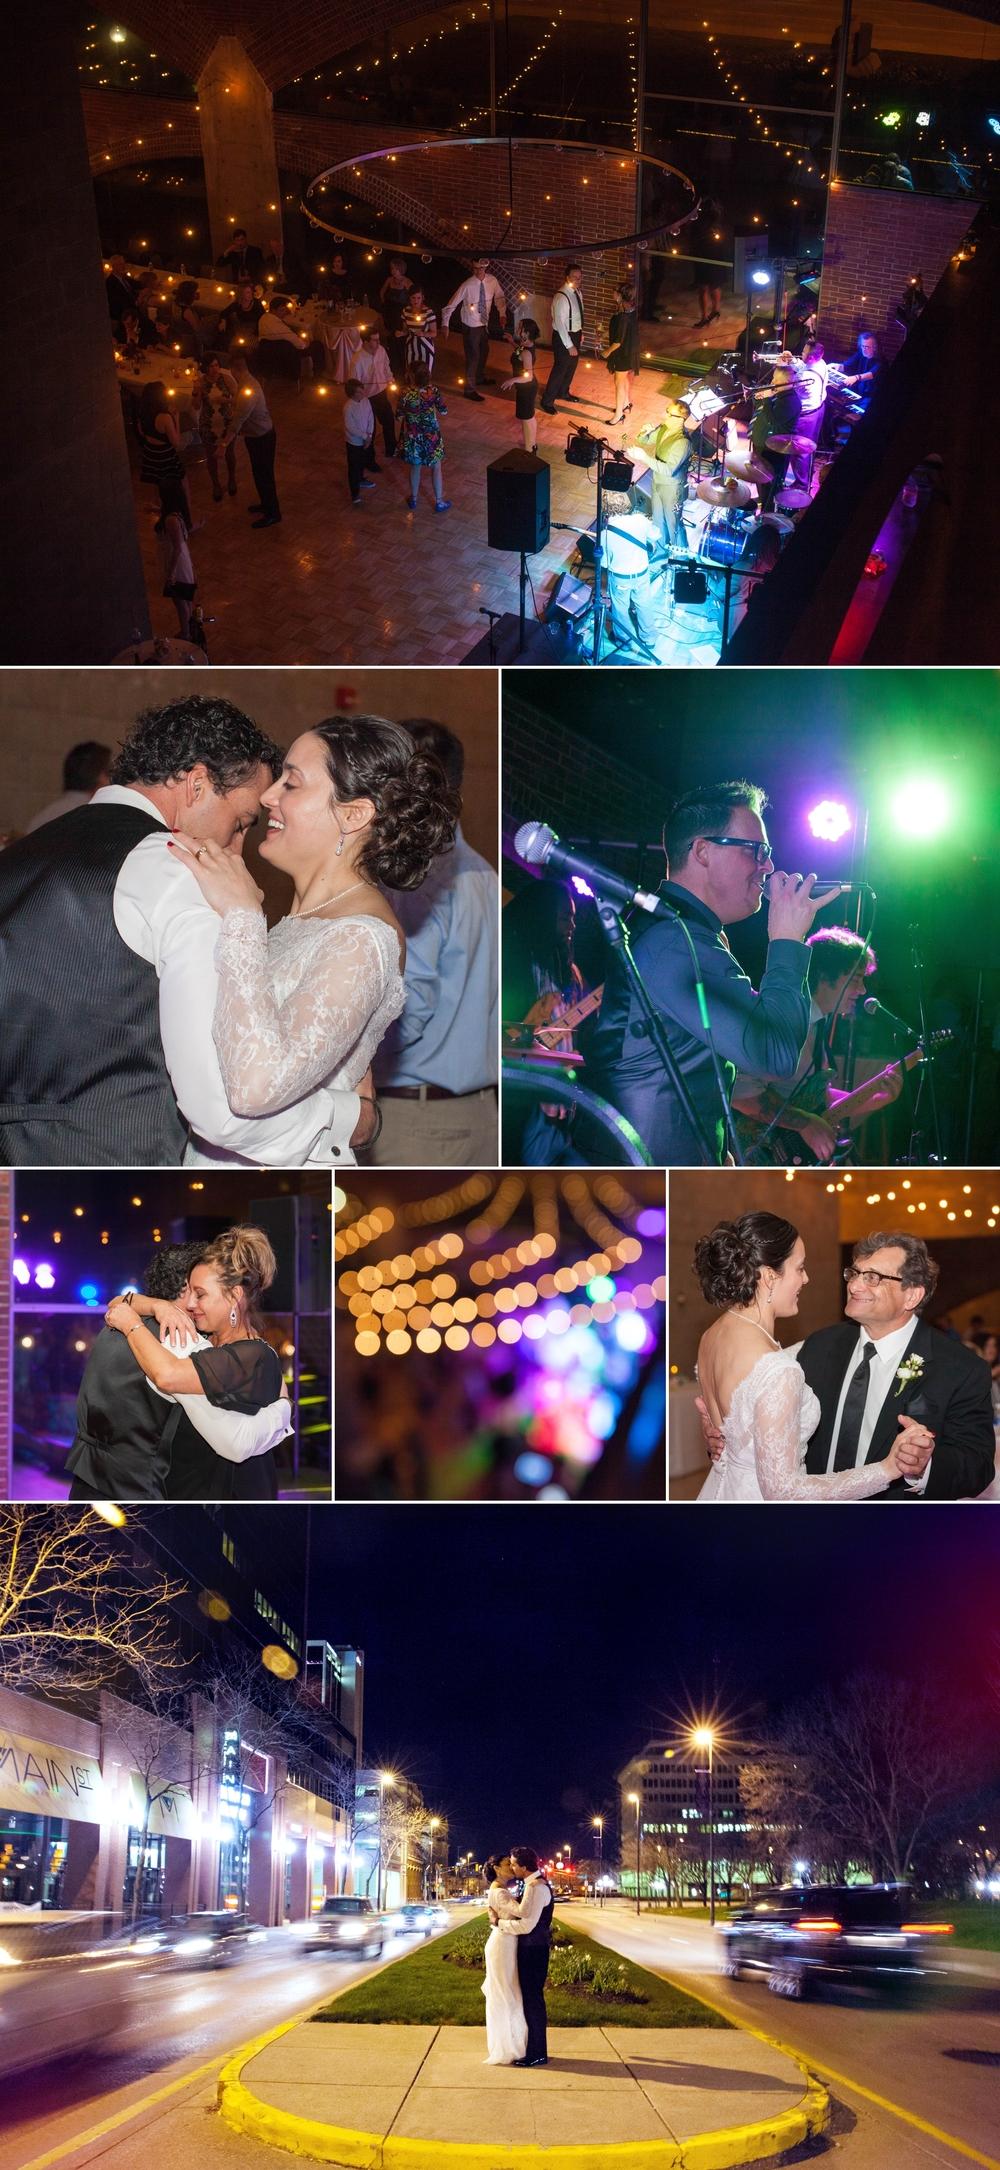 bride-wedding-shoes-park-bridal-portrait-groom-bouquet-reception-6